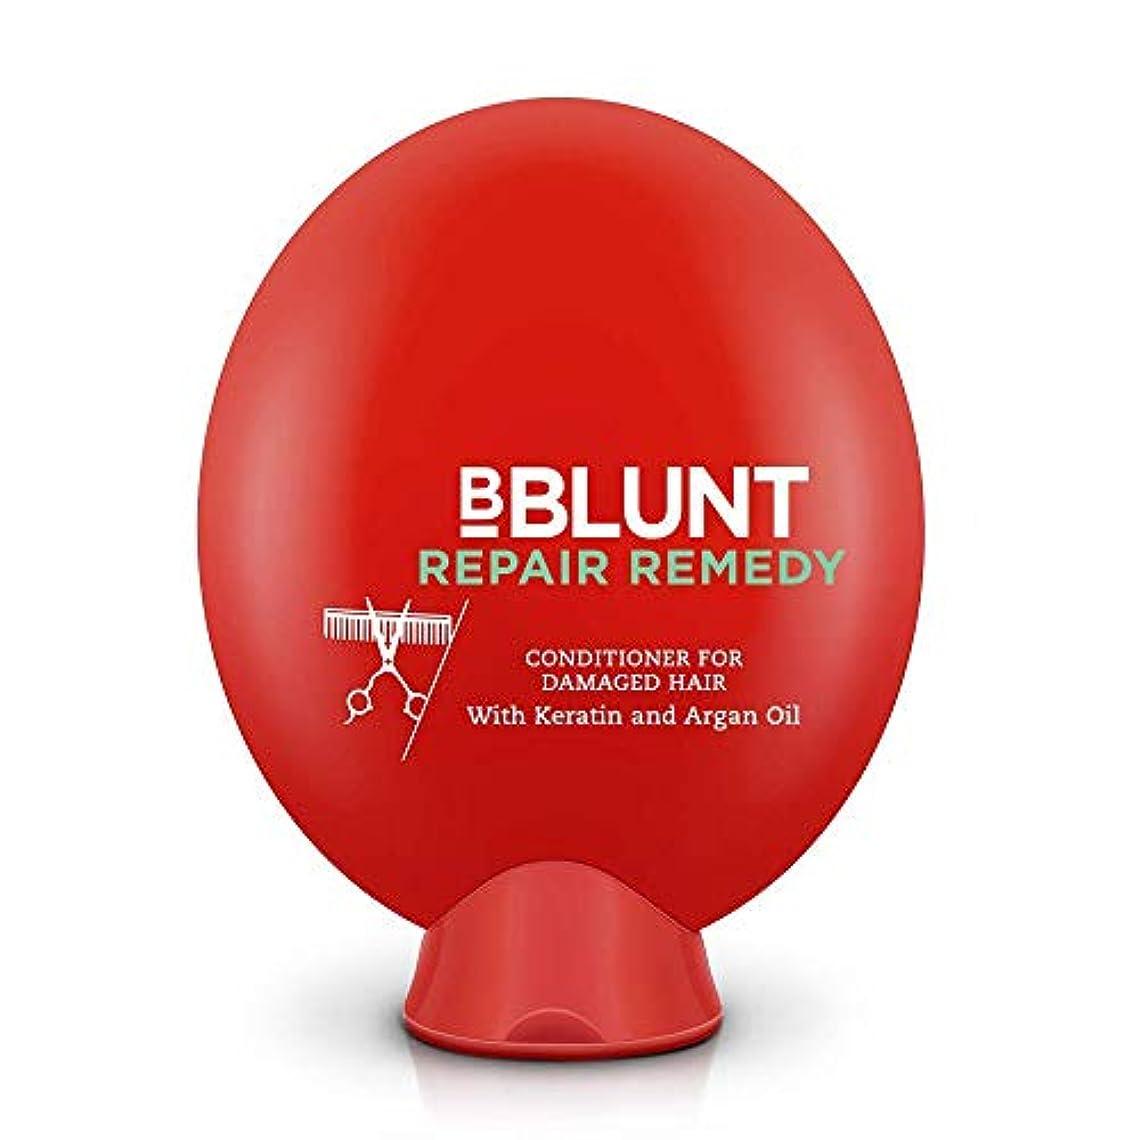 埋める宇宙超音速BBLUNT Repair Remedy Conditioner for Damaged Hair, 200g (Keratin and Argan Oil)